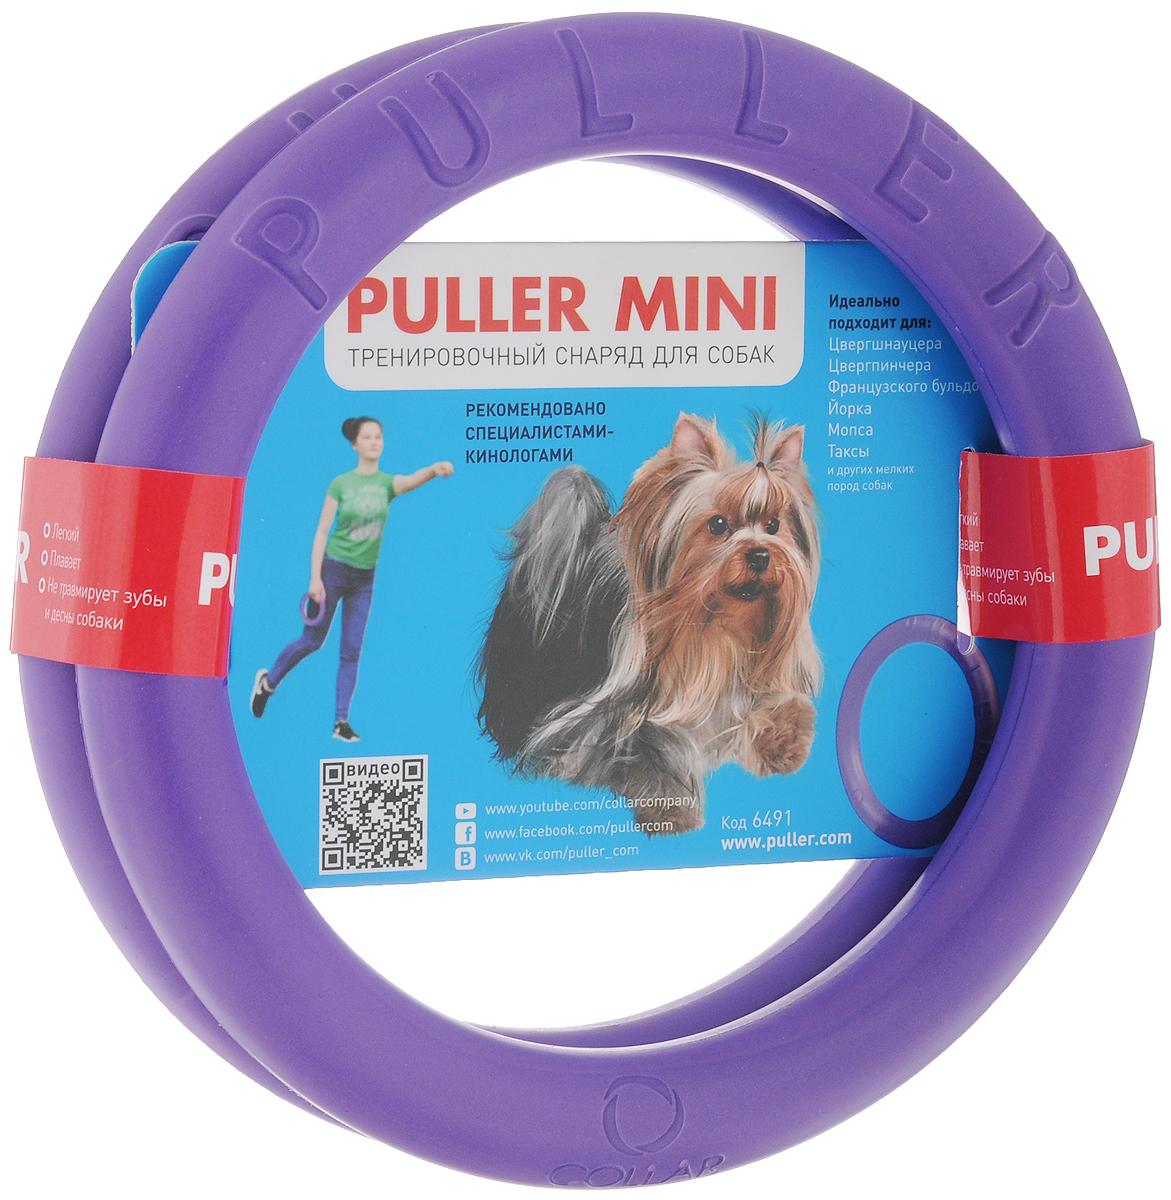 Снаряд тренировочный Puller Мini, цвет: фиолетовый, диаметр 18 см6491Тренировочный снаряд Puller Мini предназначен для мелких и декоративных пород собак. Puller Мini укрепляет здоровье собаки и делает ее более послушной.Puller (Пуллер) — тренировочный снаряд для собак, состоящий из двух колец. Его задача – дать собаке необходимую физическую нагрузку, не увеличивая время выгула, а улучшая качество самой прогулки. Три простых упражнения с пуллером в течение всего 20 минут дадут нагрузку собаке равную 5 км бега. А это поможет решить такие частые проблемы как непослушание, порча предметов интерьера, излишняя агрессия, ожирение у собаки, болезни опорно-двигательного аппарата.Подходит для таких пород собак как: - цвергшнауцер, - цвергпинчер, - французский бульдог,- йорк,- мопс,- такса.ПРЕИМУЩЕСТВА.Легкий.Позволяет владельцу тренировать собаку продолжительное время.Плавает.Благодаря уникальному материалу снаряд держится на воде, хорошо виден собаке и хозяину.Без запаха.Puller Мini не оставляет специфический запах на руках.Не травмирует.Собака не ранит зубы и дёсны при работе со снарядом.Диаметр: 18 см.